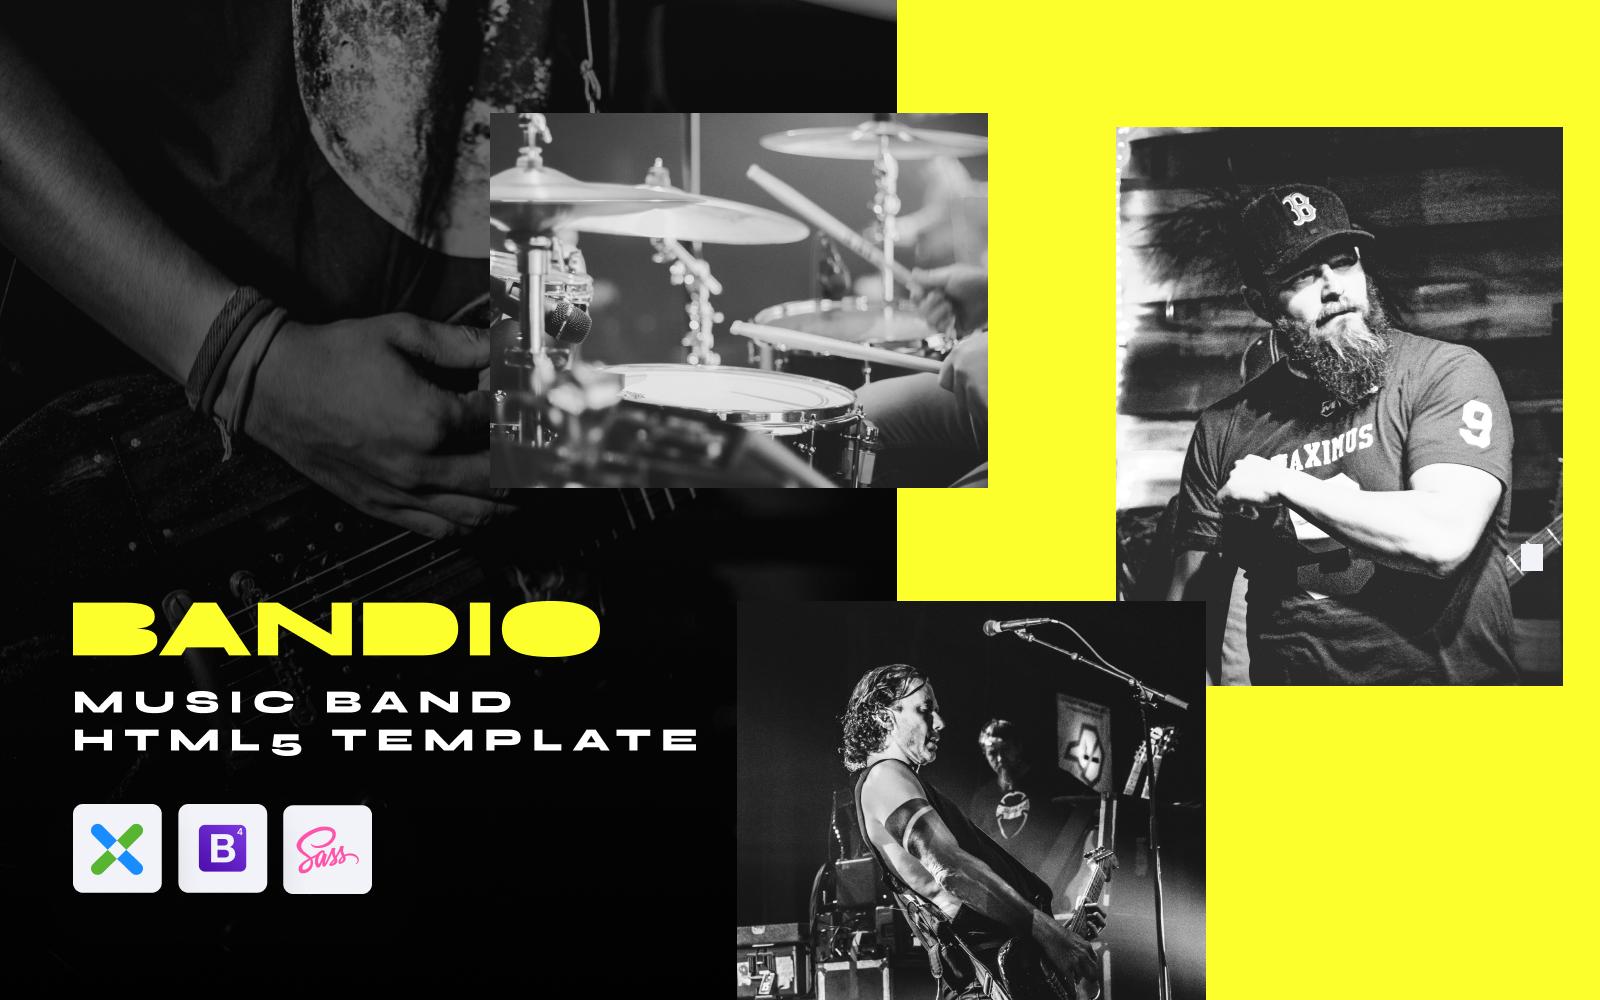 Bandio - Modern HTML5 Music and Band №148481